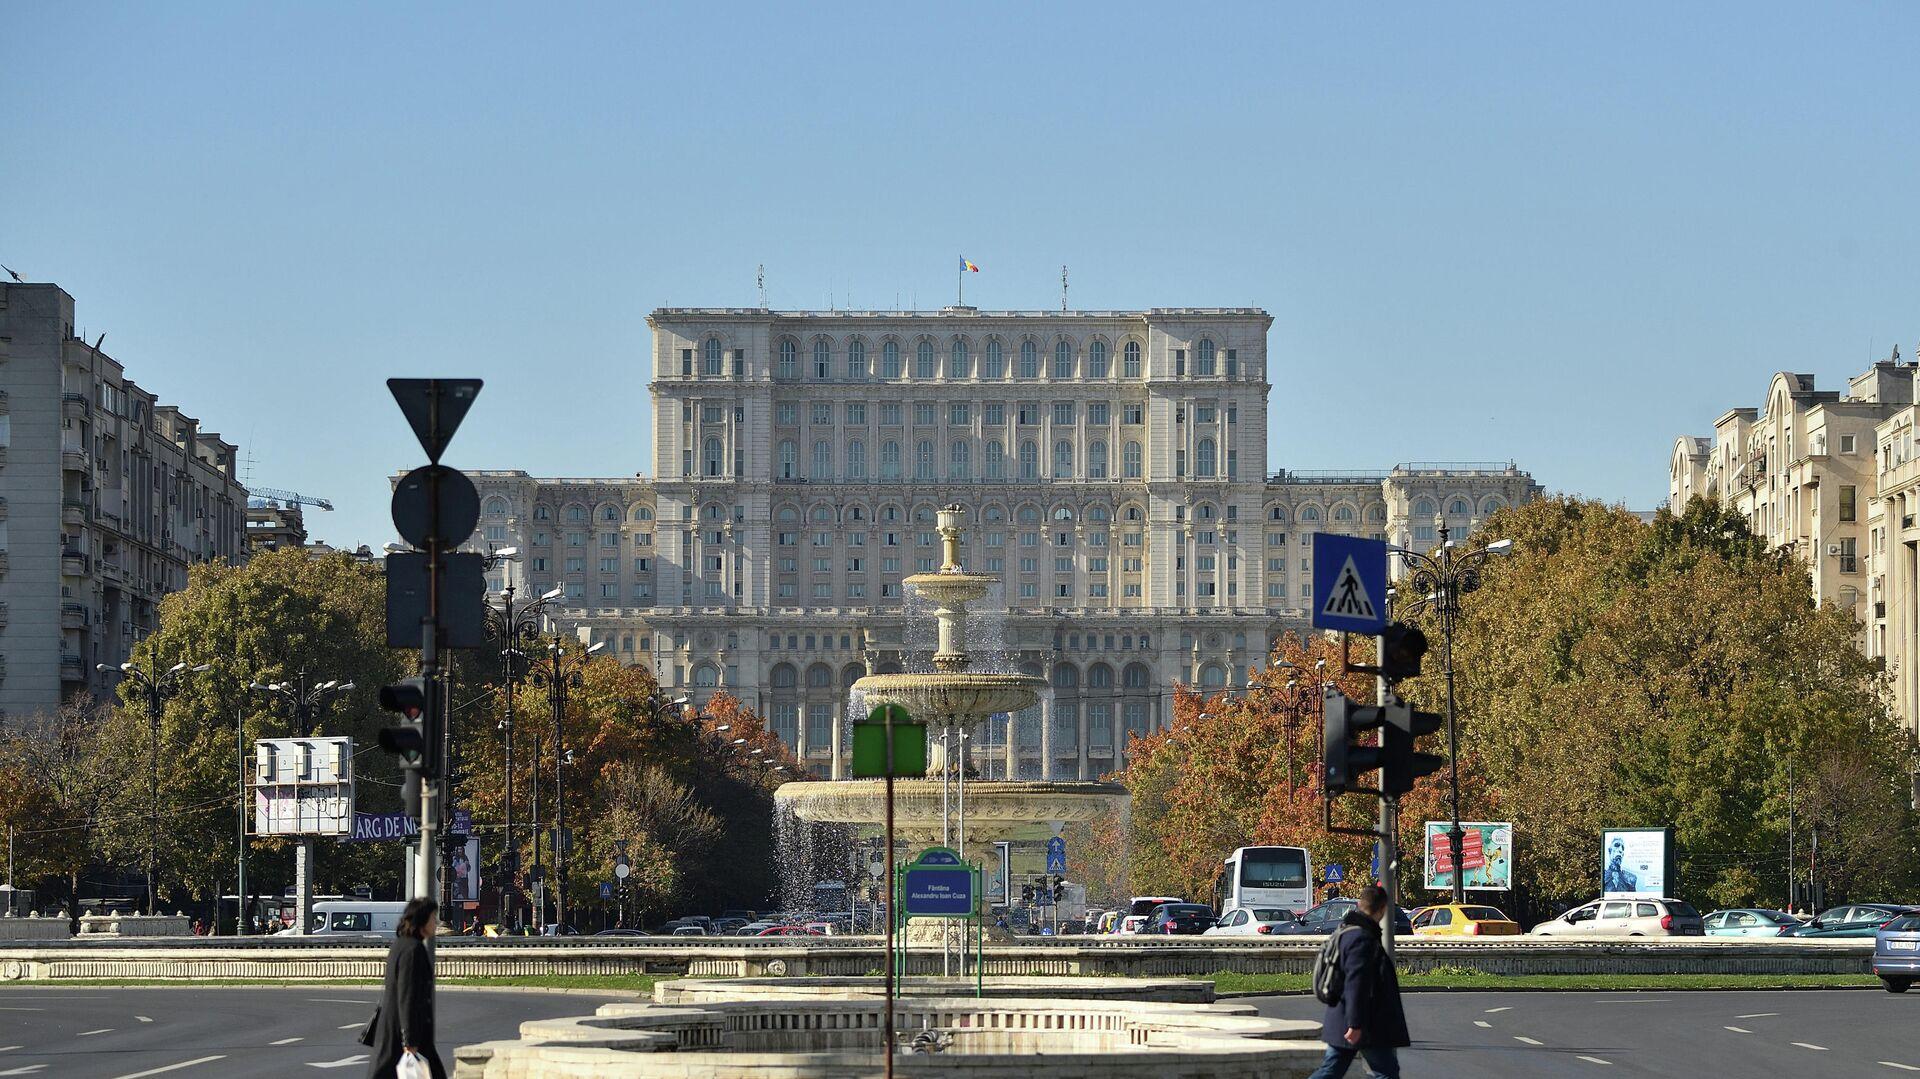 Дворец Парламента в Бухаресте - РИА Новости, 1920, 04.06.2019